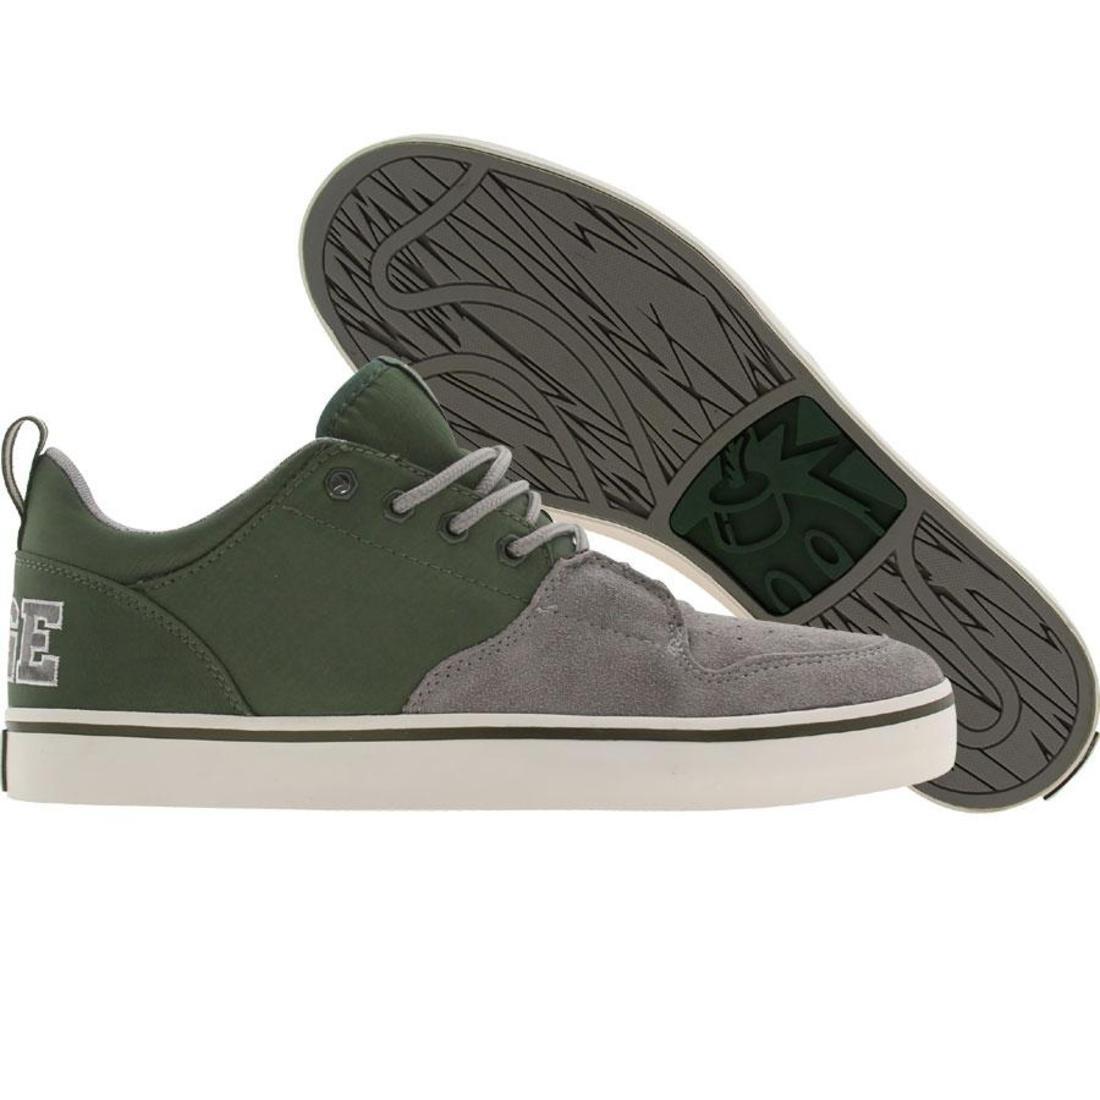 【海外限定】GRAY灰色 グレイ 靴 スニーカー 【 GREY THE HUNDREDS RILEY LOW GREEN RELOADED 】